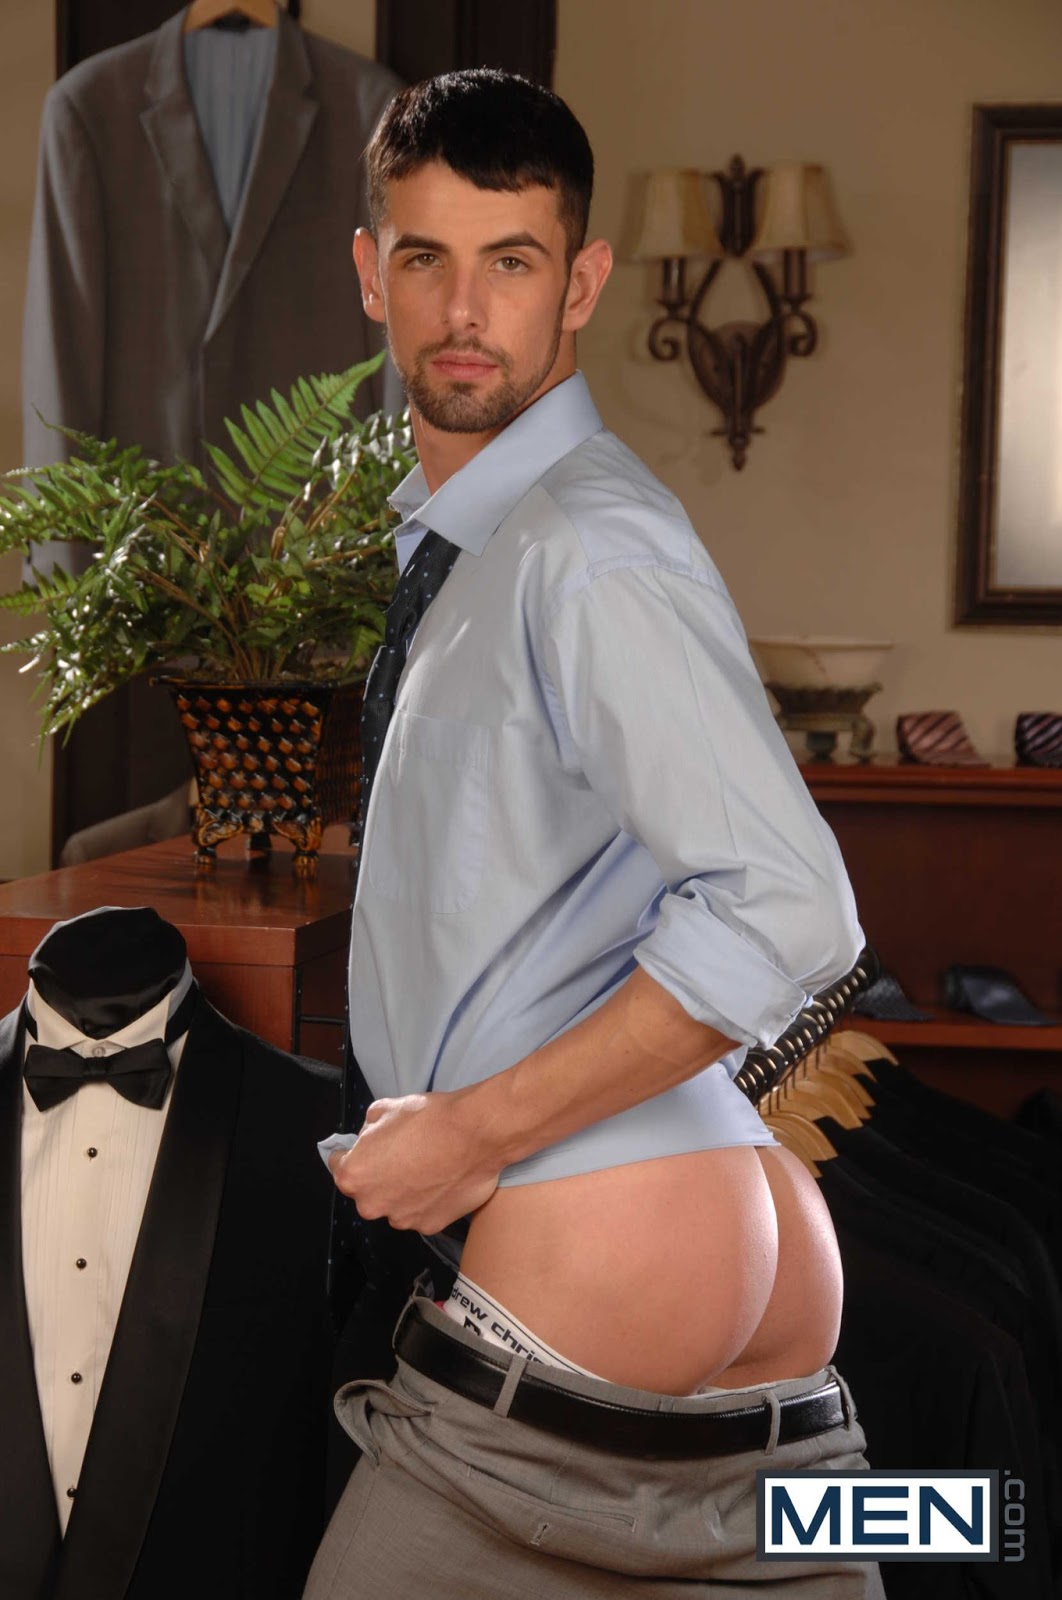 matt lucas david williams gay